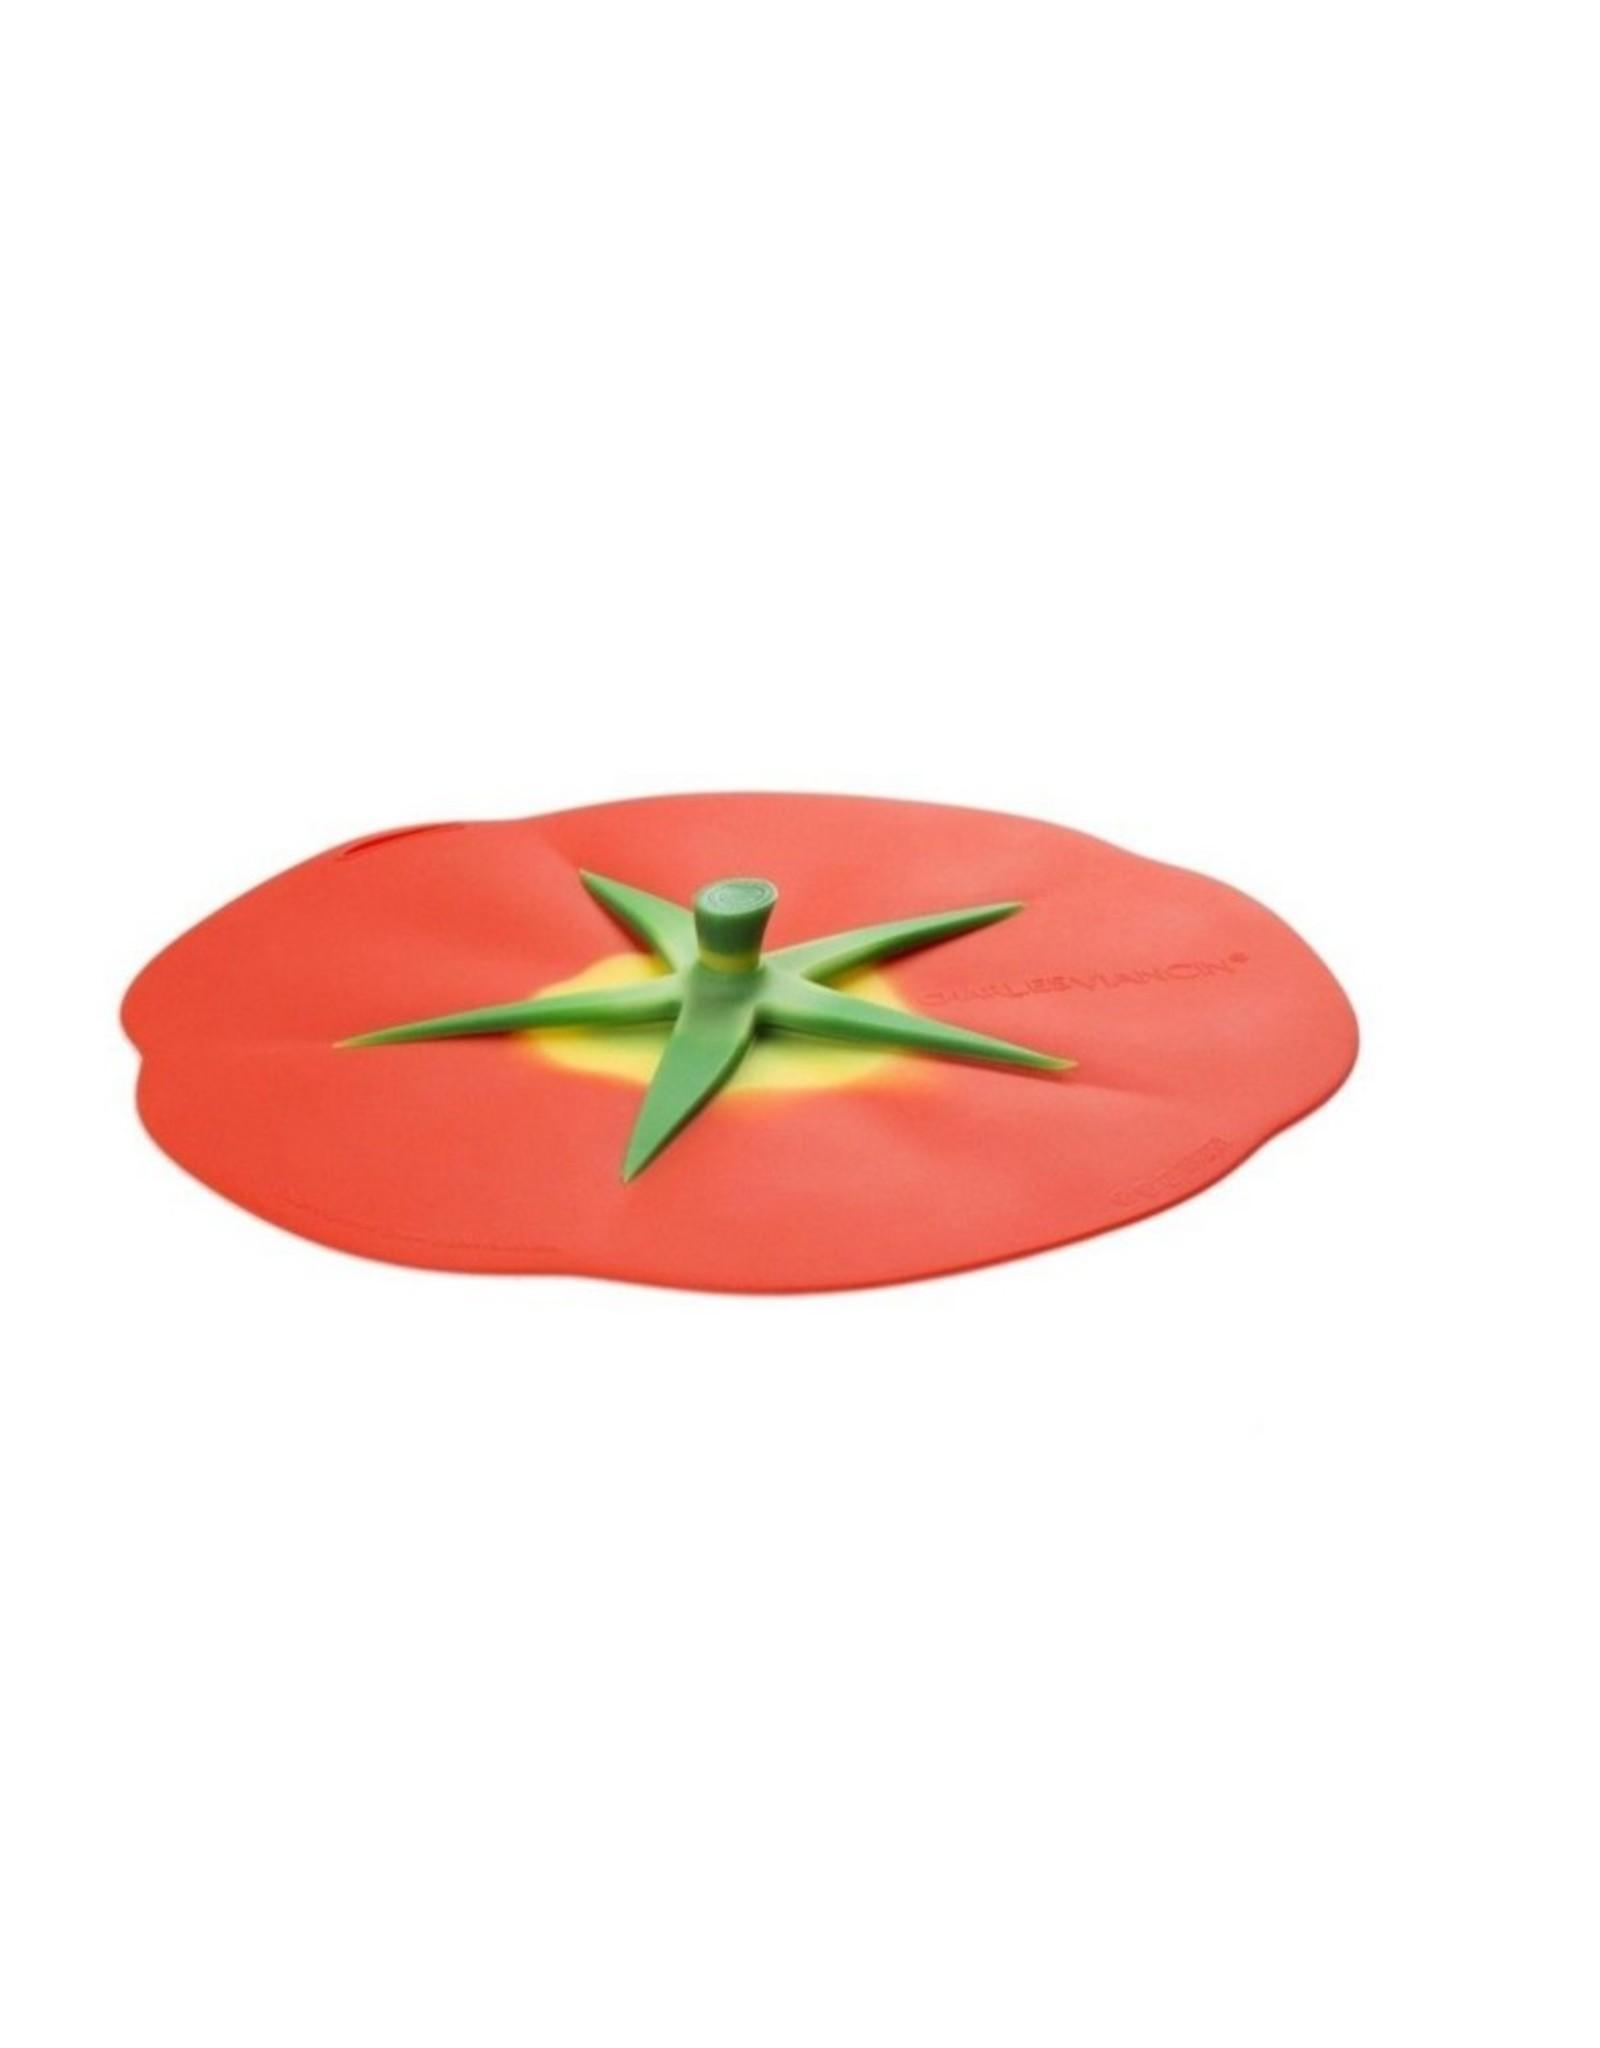 Charles Viancin Group Deksel Tomaat 23 cm